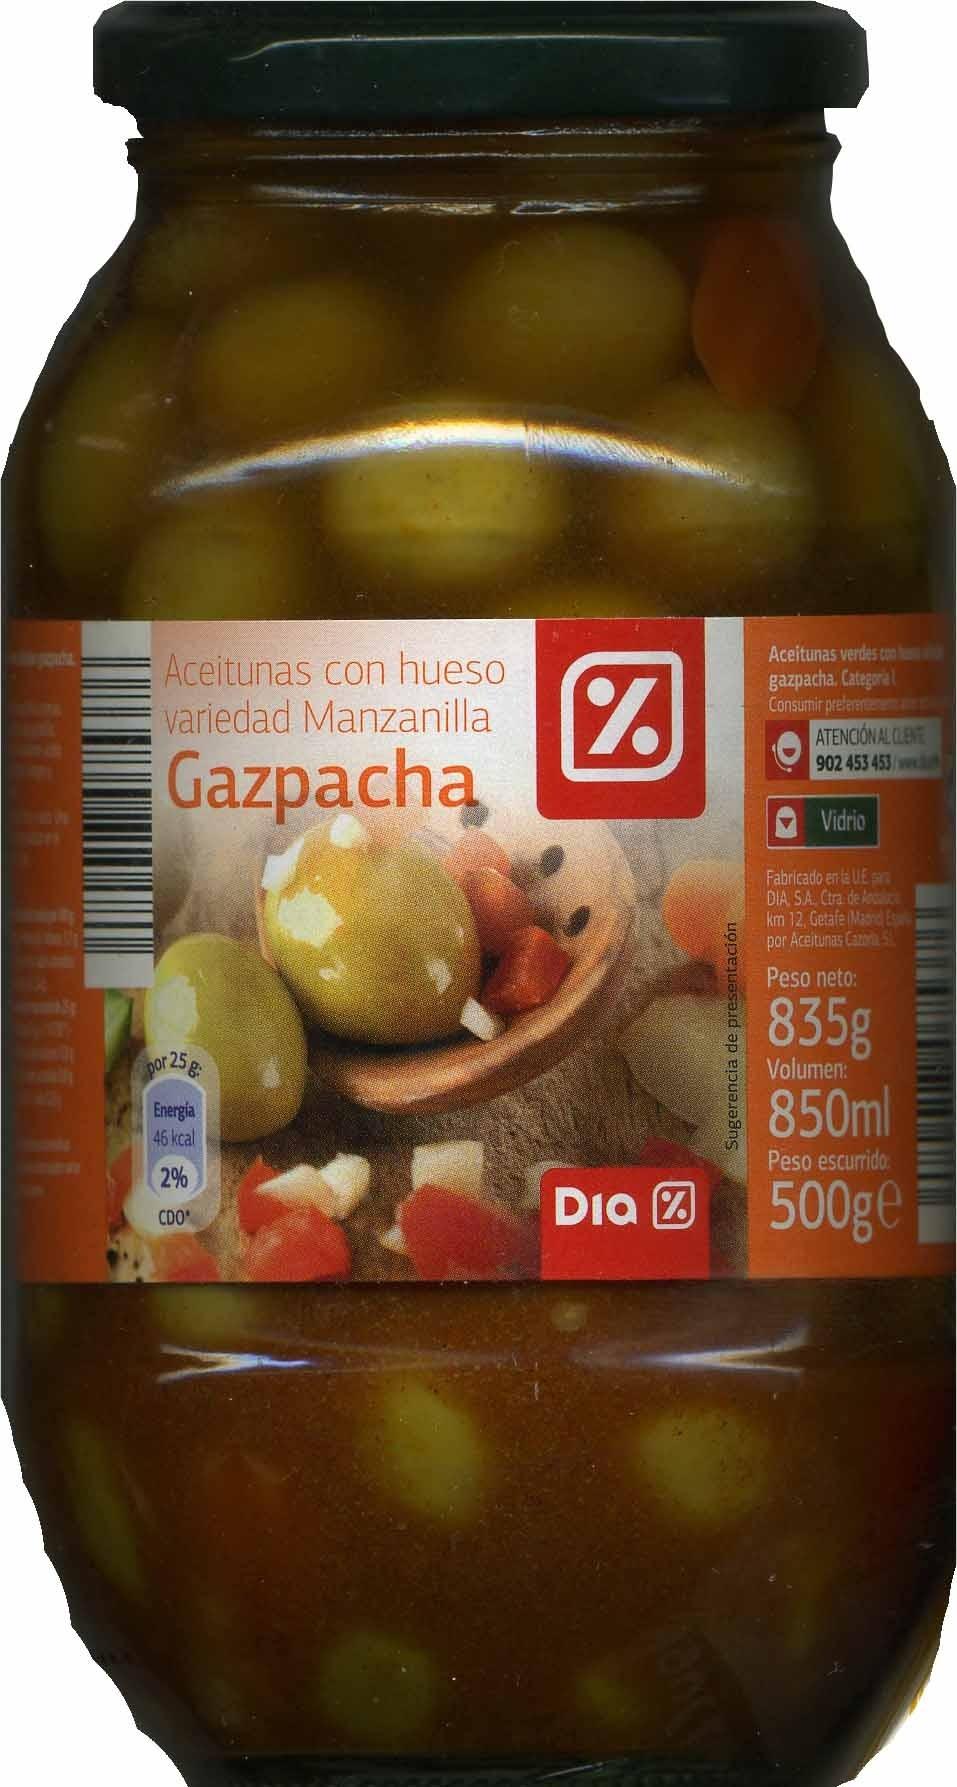 """Aceitunas verdes partidas aliñadas a la gazpacha """"Dia"""" Variedad Manzanilla - Producte - es"""